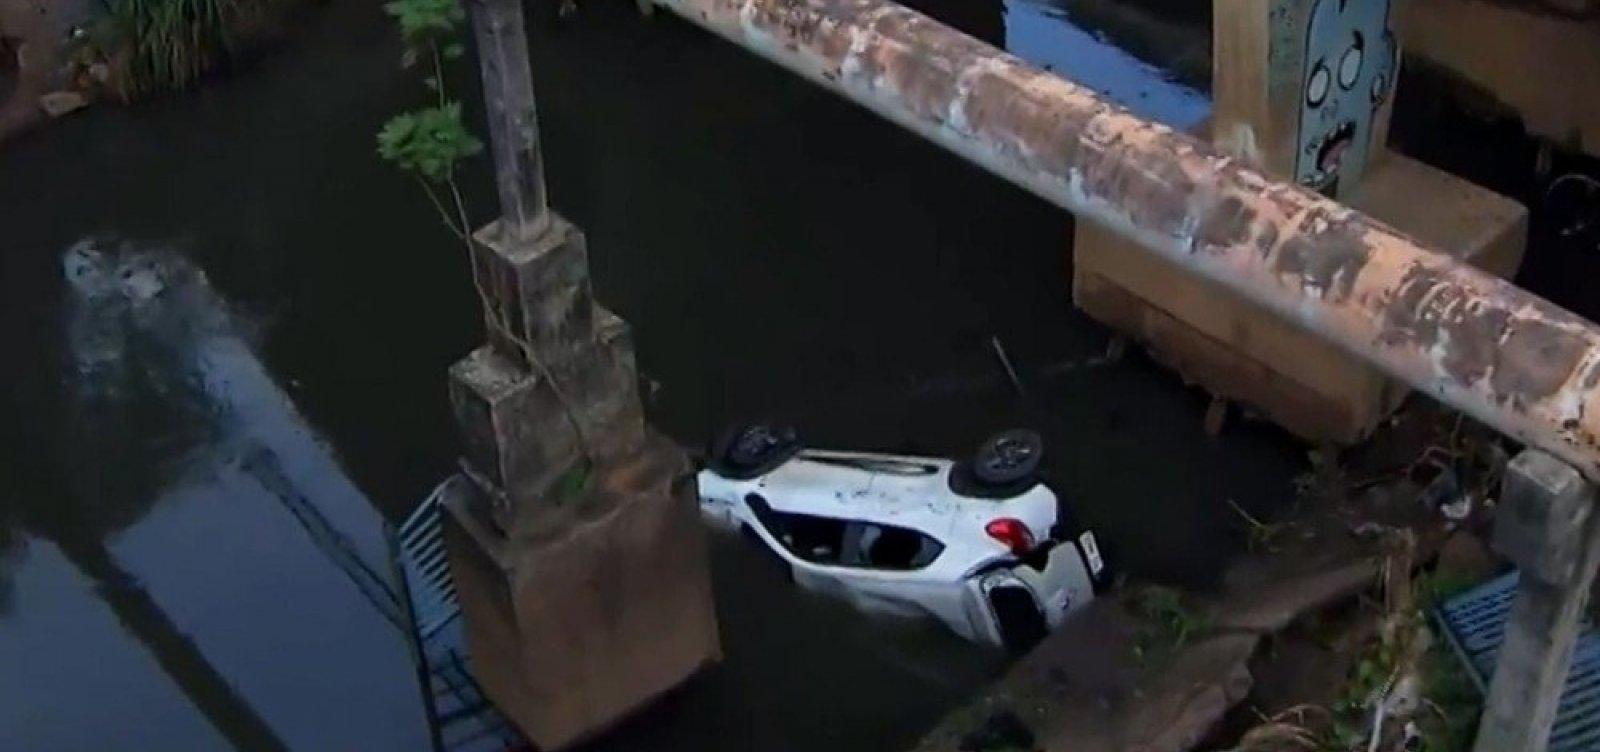 [Carro cai em córrego na Av. Tancredo Neves; passageiro é resgatado por bombeiros]